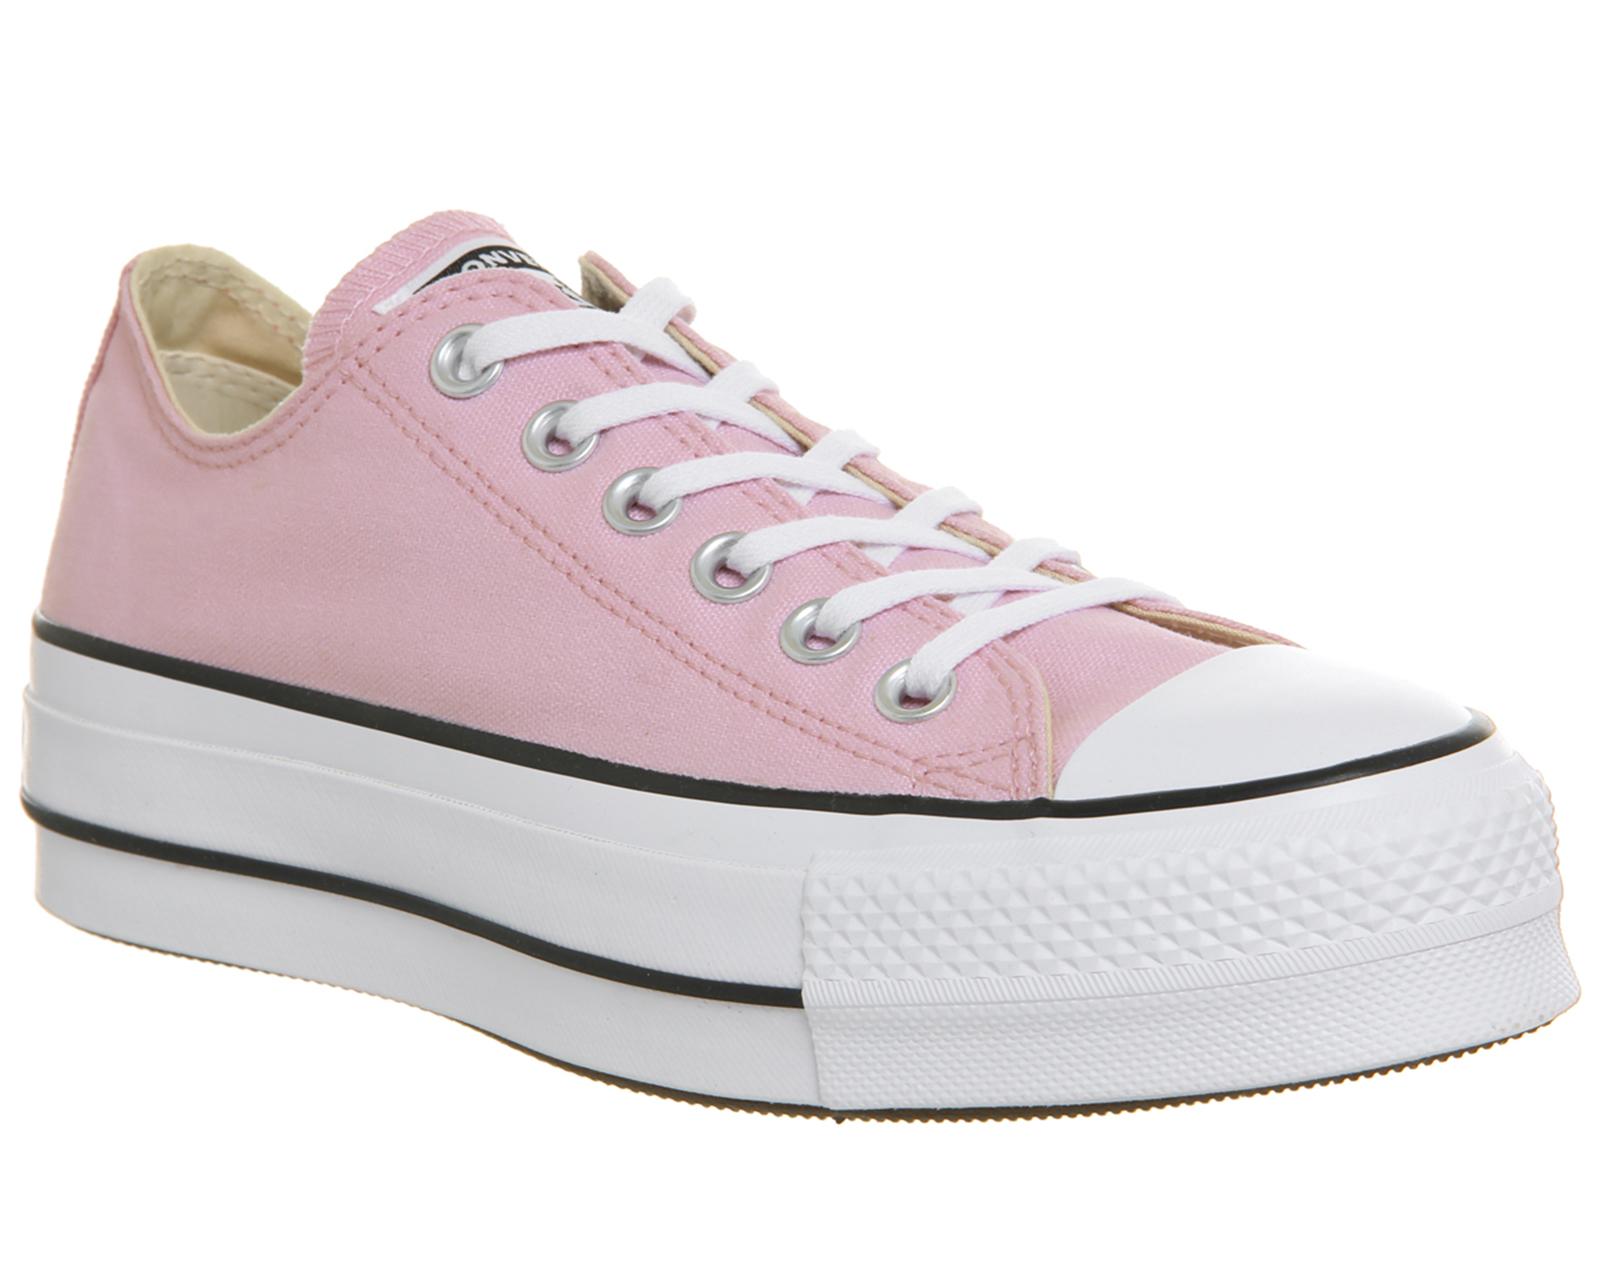 ec1d6888a9ff6 SENTINEL Womens Converse All Star Lift basso formatori del fiore di  ciliegia bianco formatori scarpe